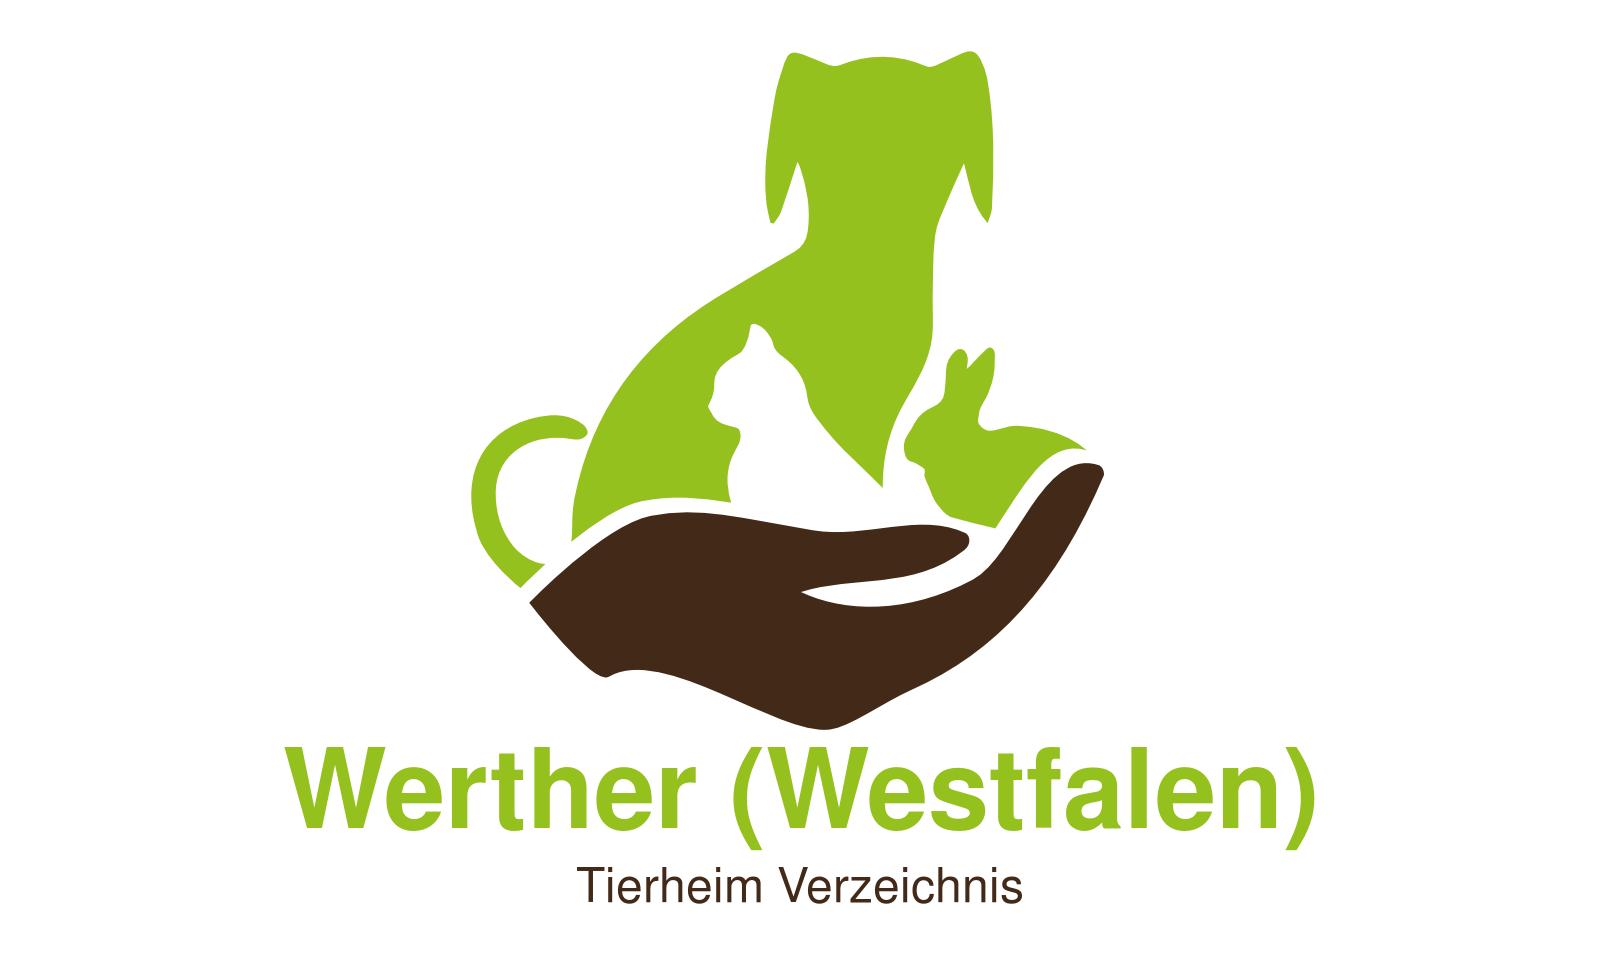 Tierheim Werther (Westfalen)